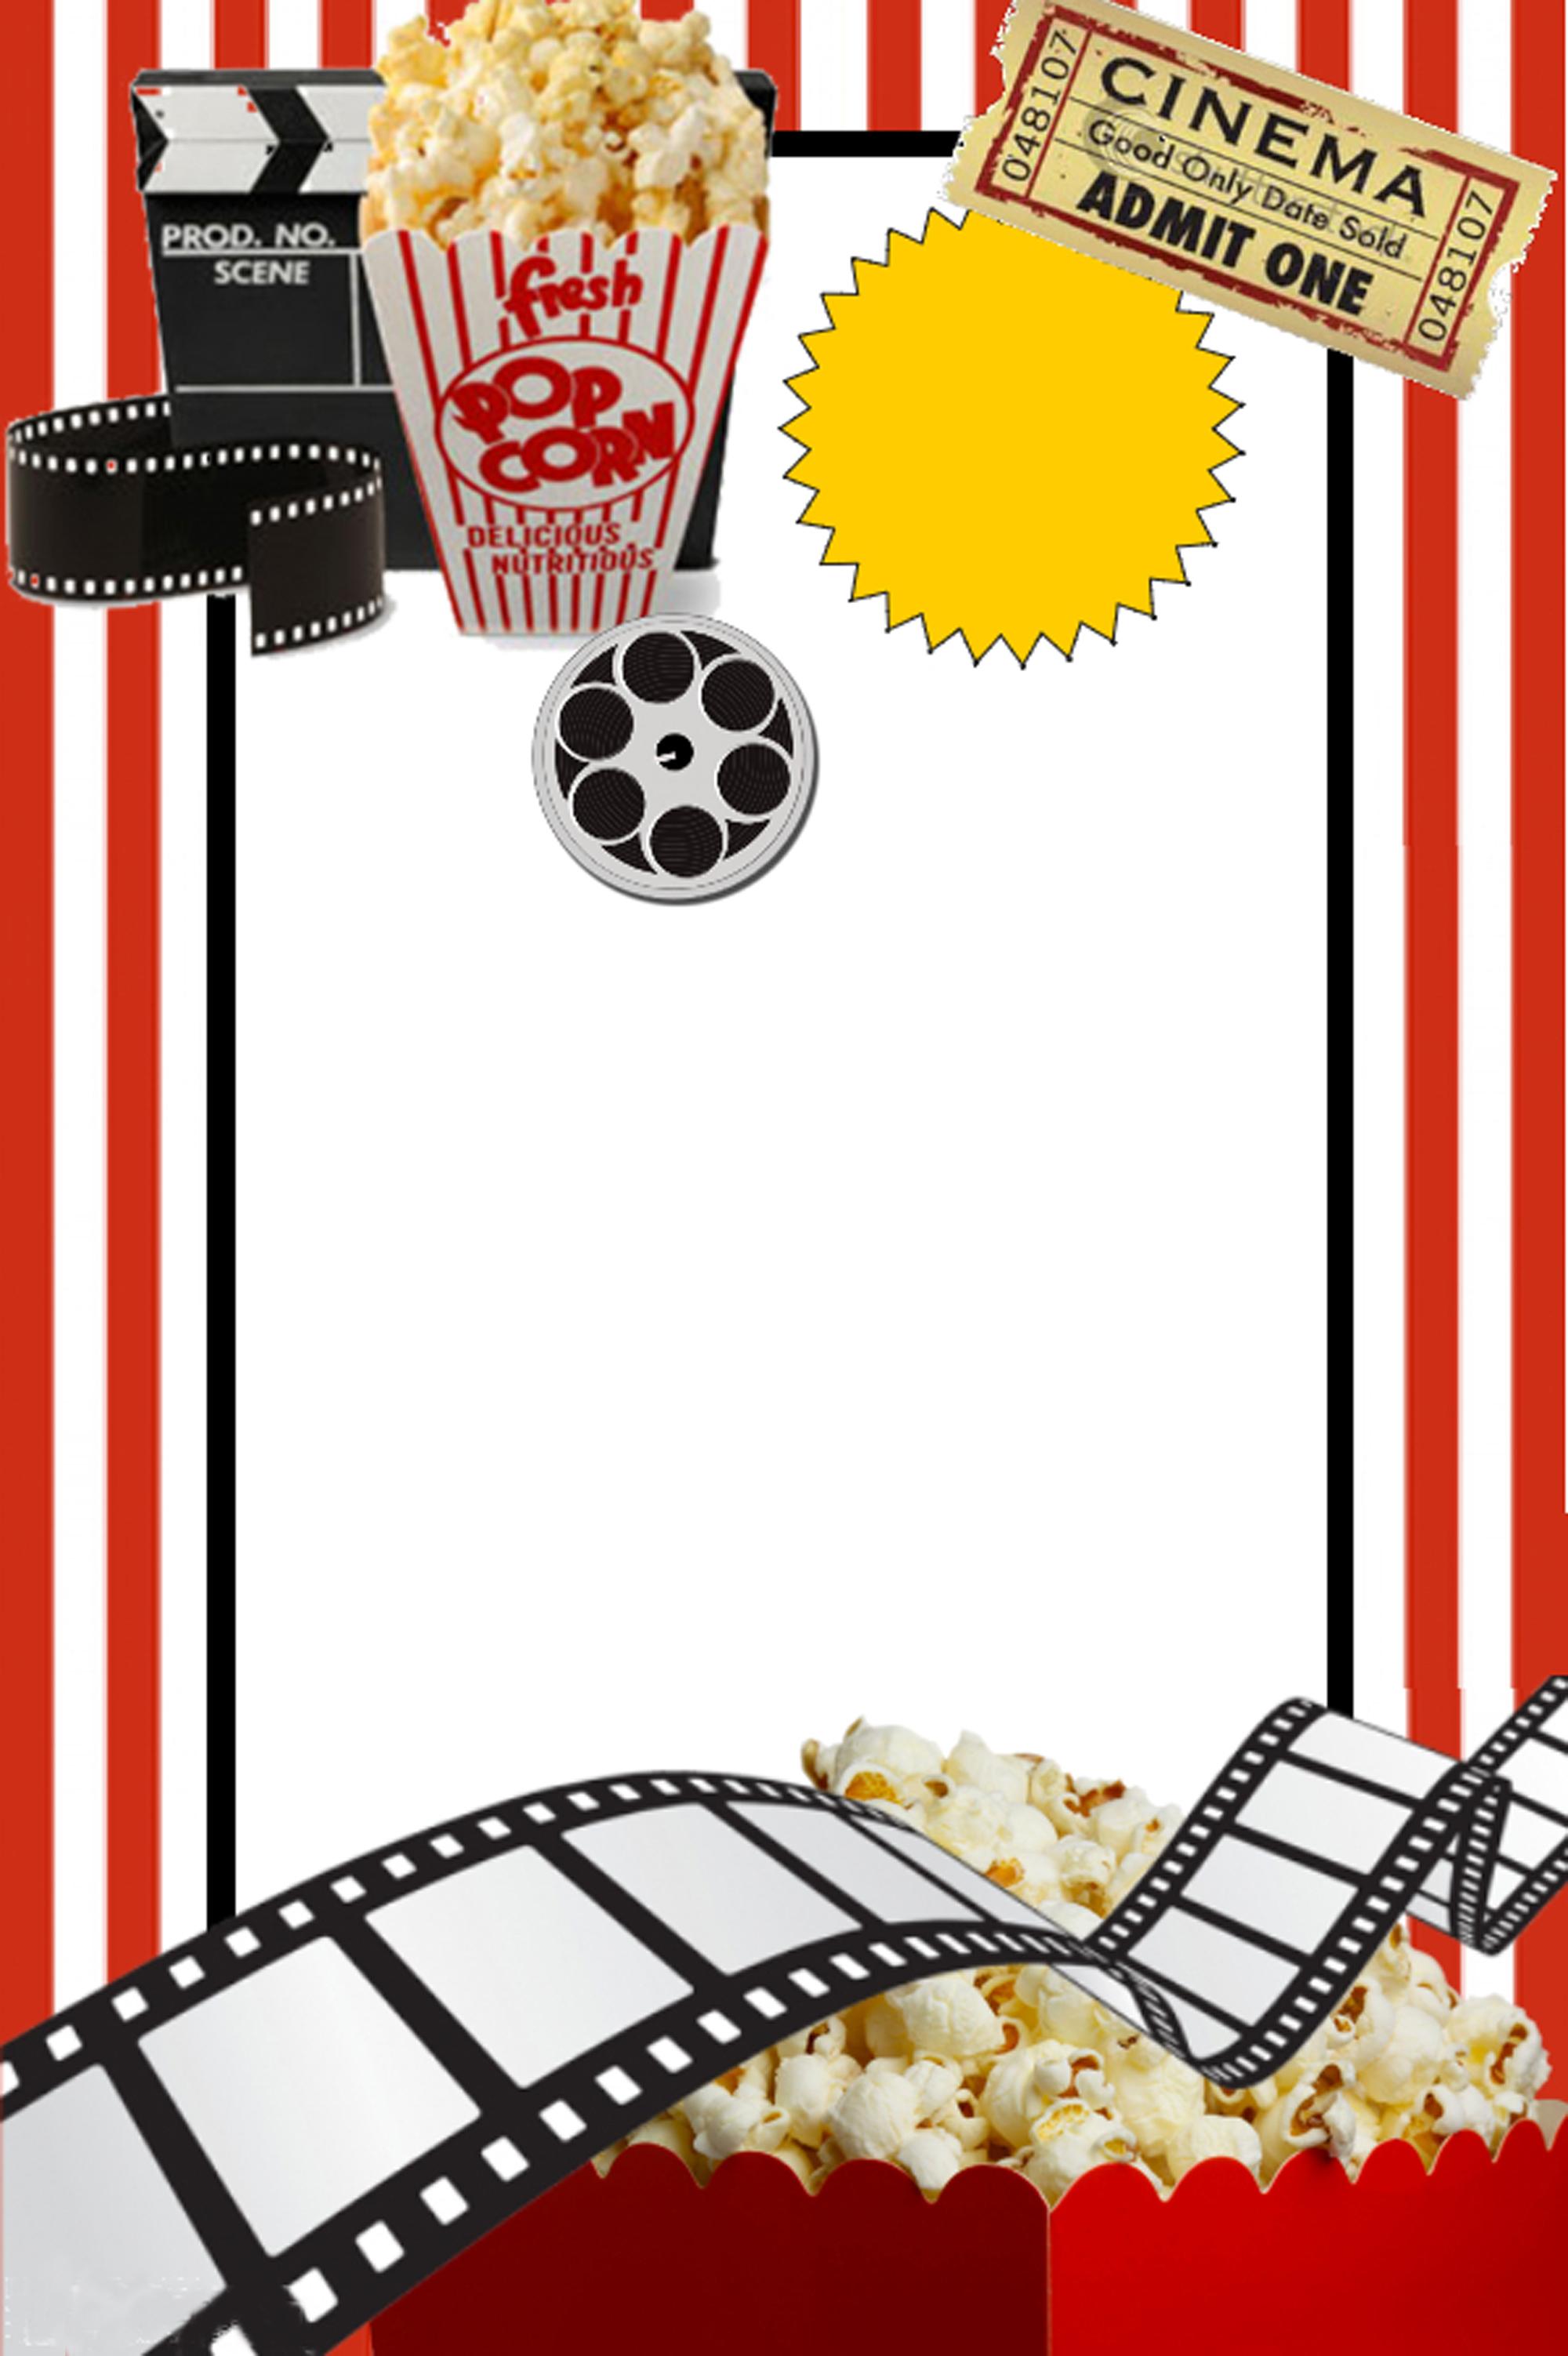 Cinema Offer Background Map, Cinema, Watch, Movie ...  |Movie Night Page Background